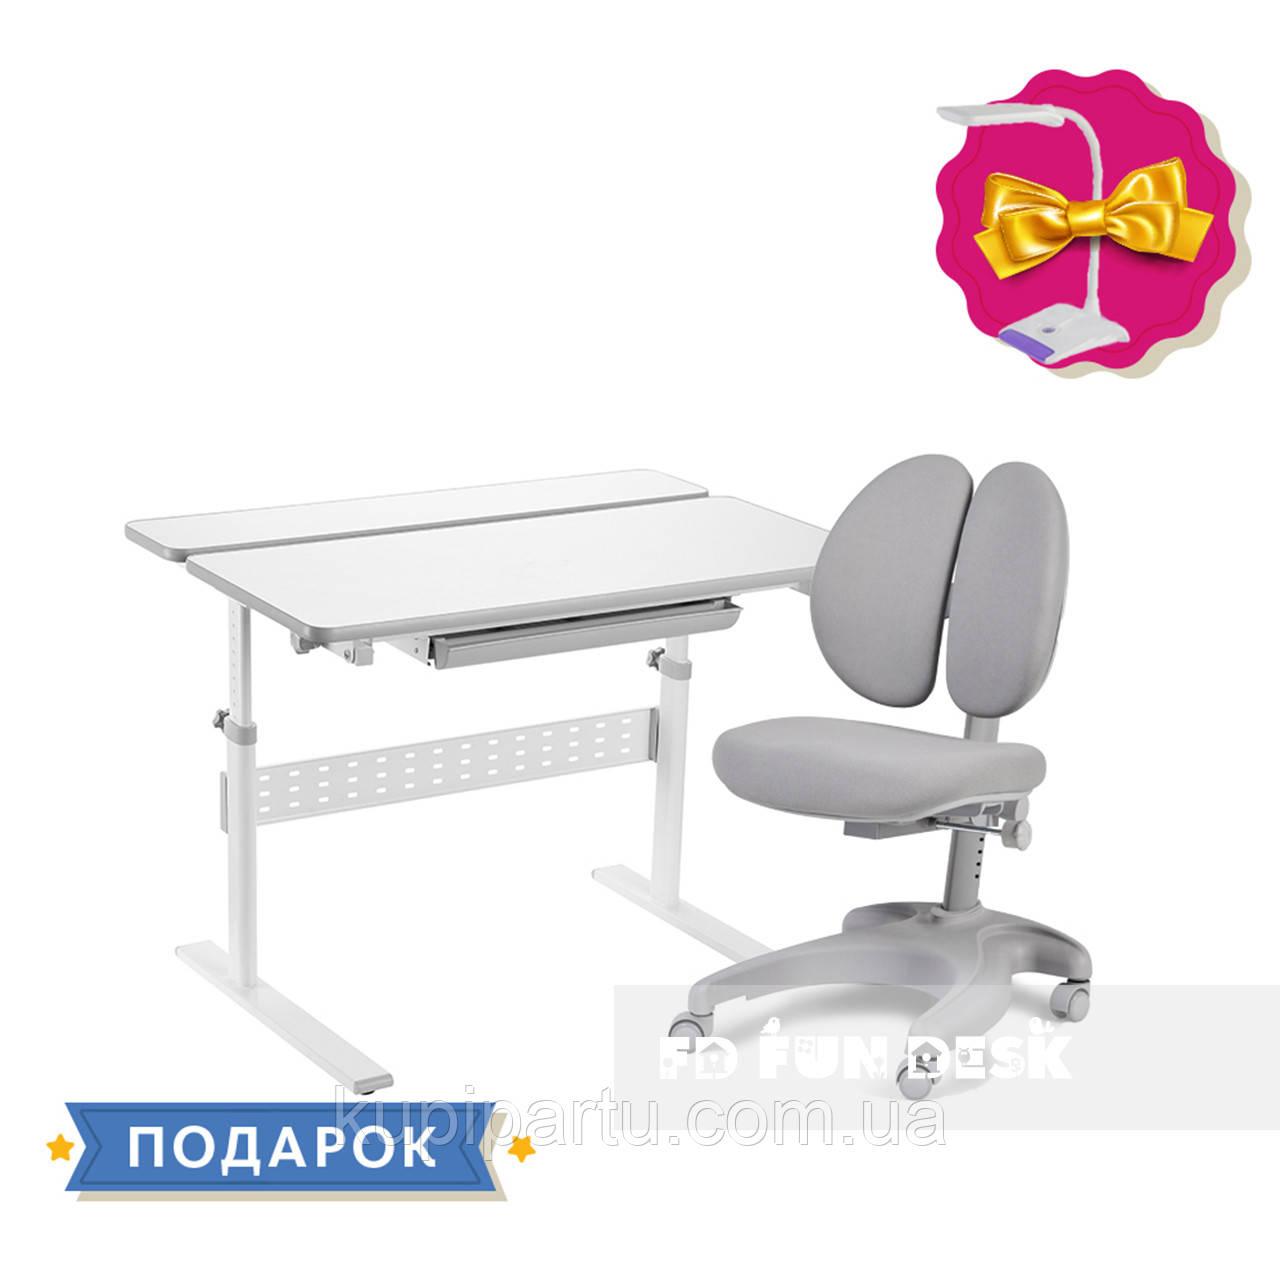 Комплект для школьника 👨🏫 парта-трансформер Fundesk Colore Grey + эргономичное кресло FunDesk Solerte Grey